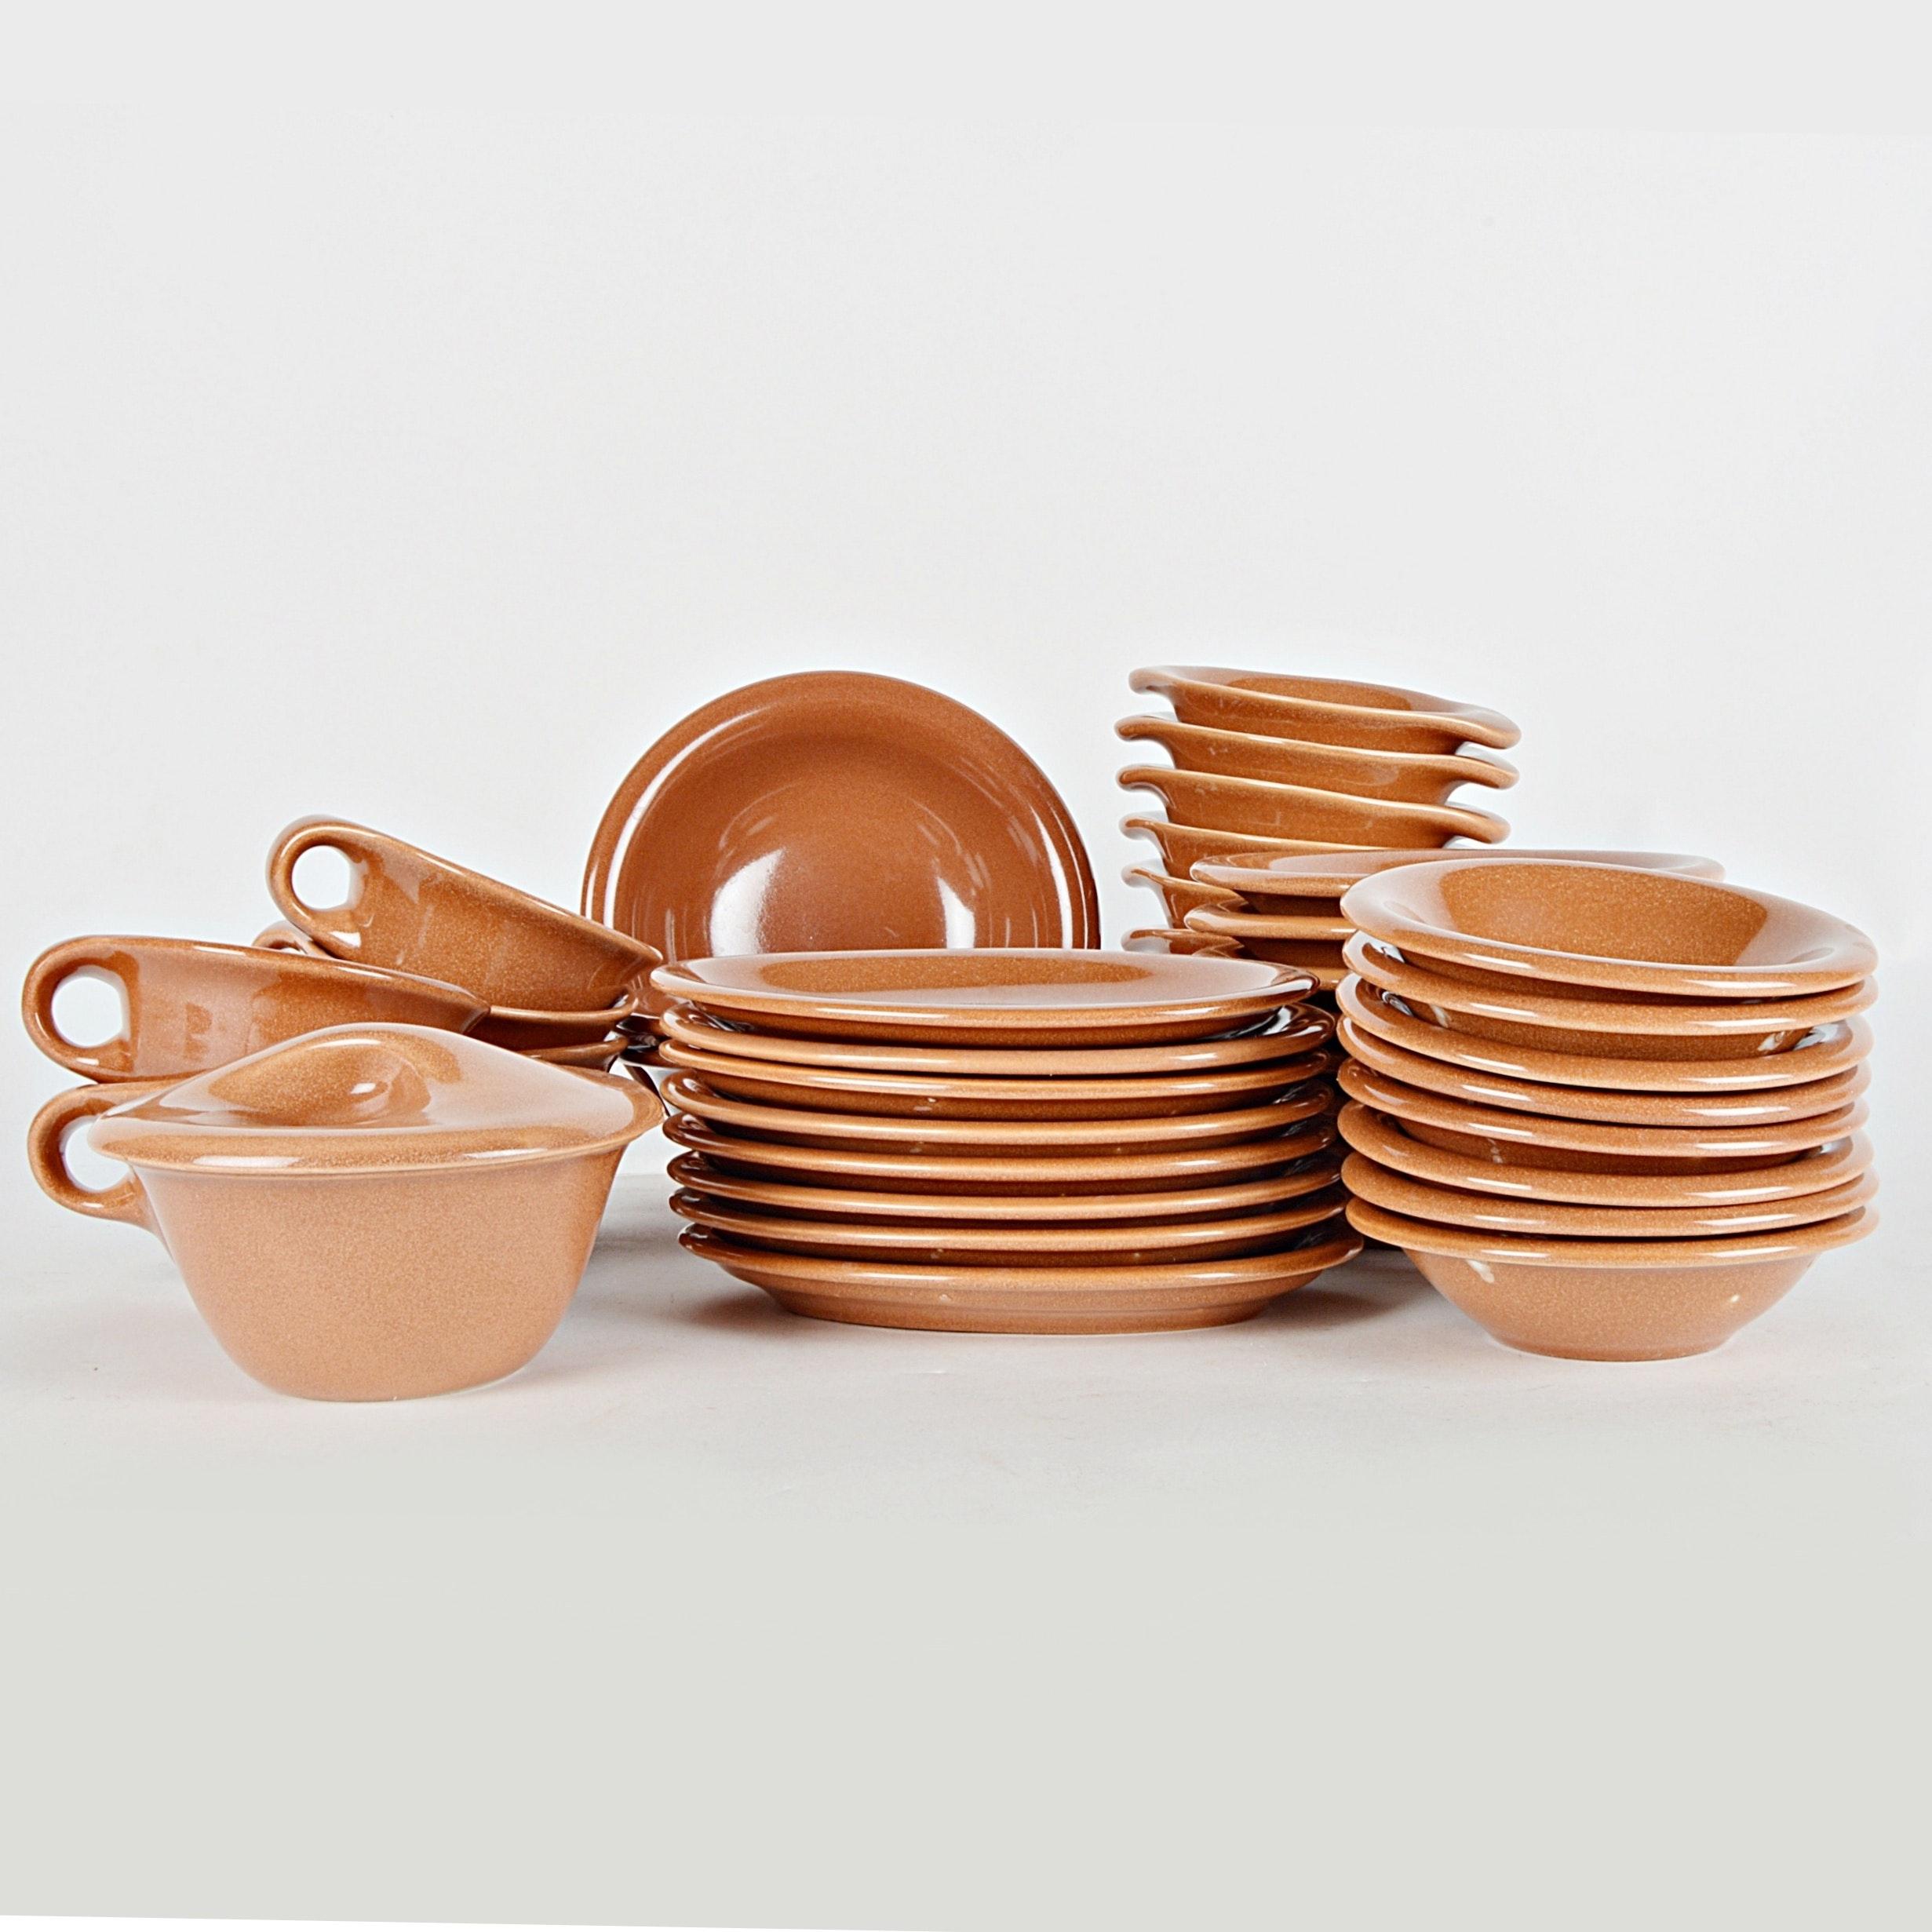 Russel Wright Dinnerware ... & Russel Wright Dinnerware : EBTH